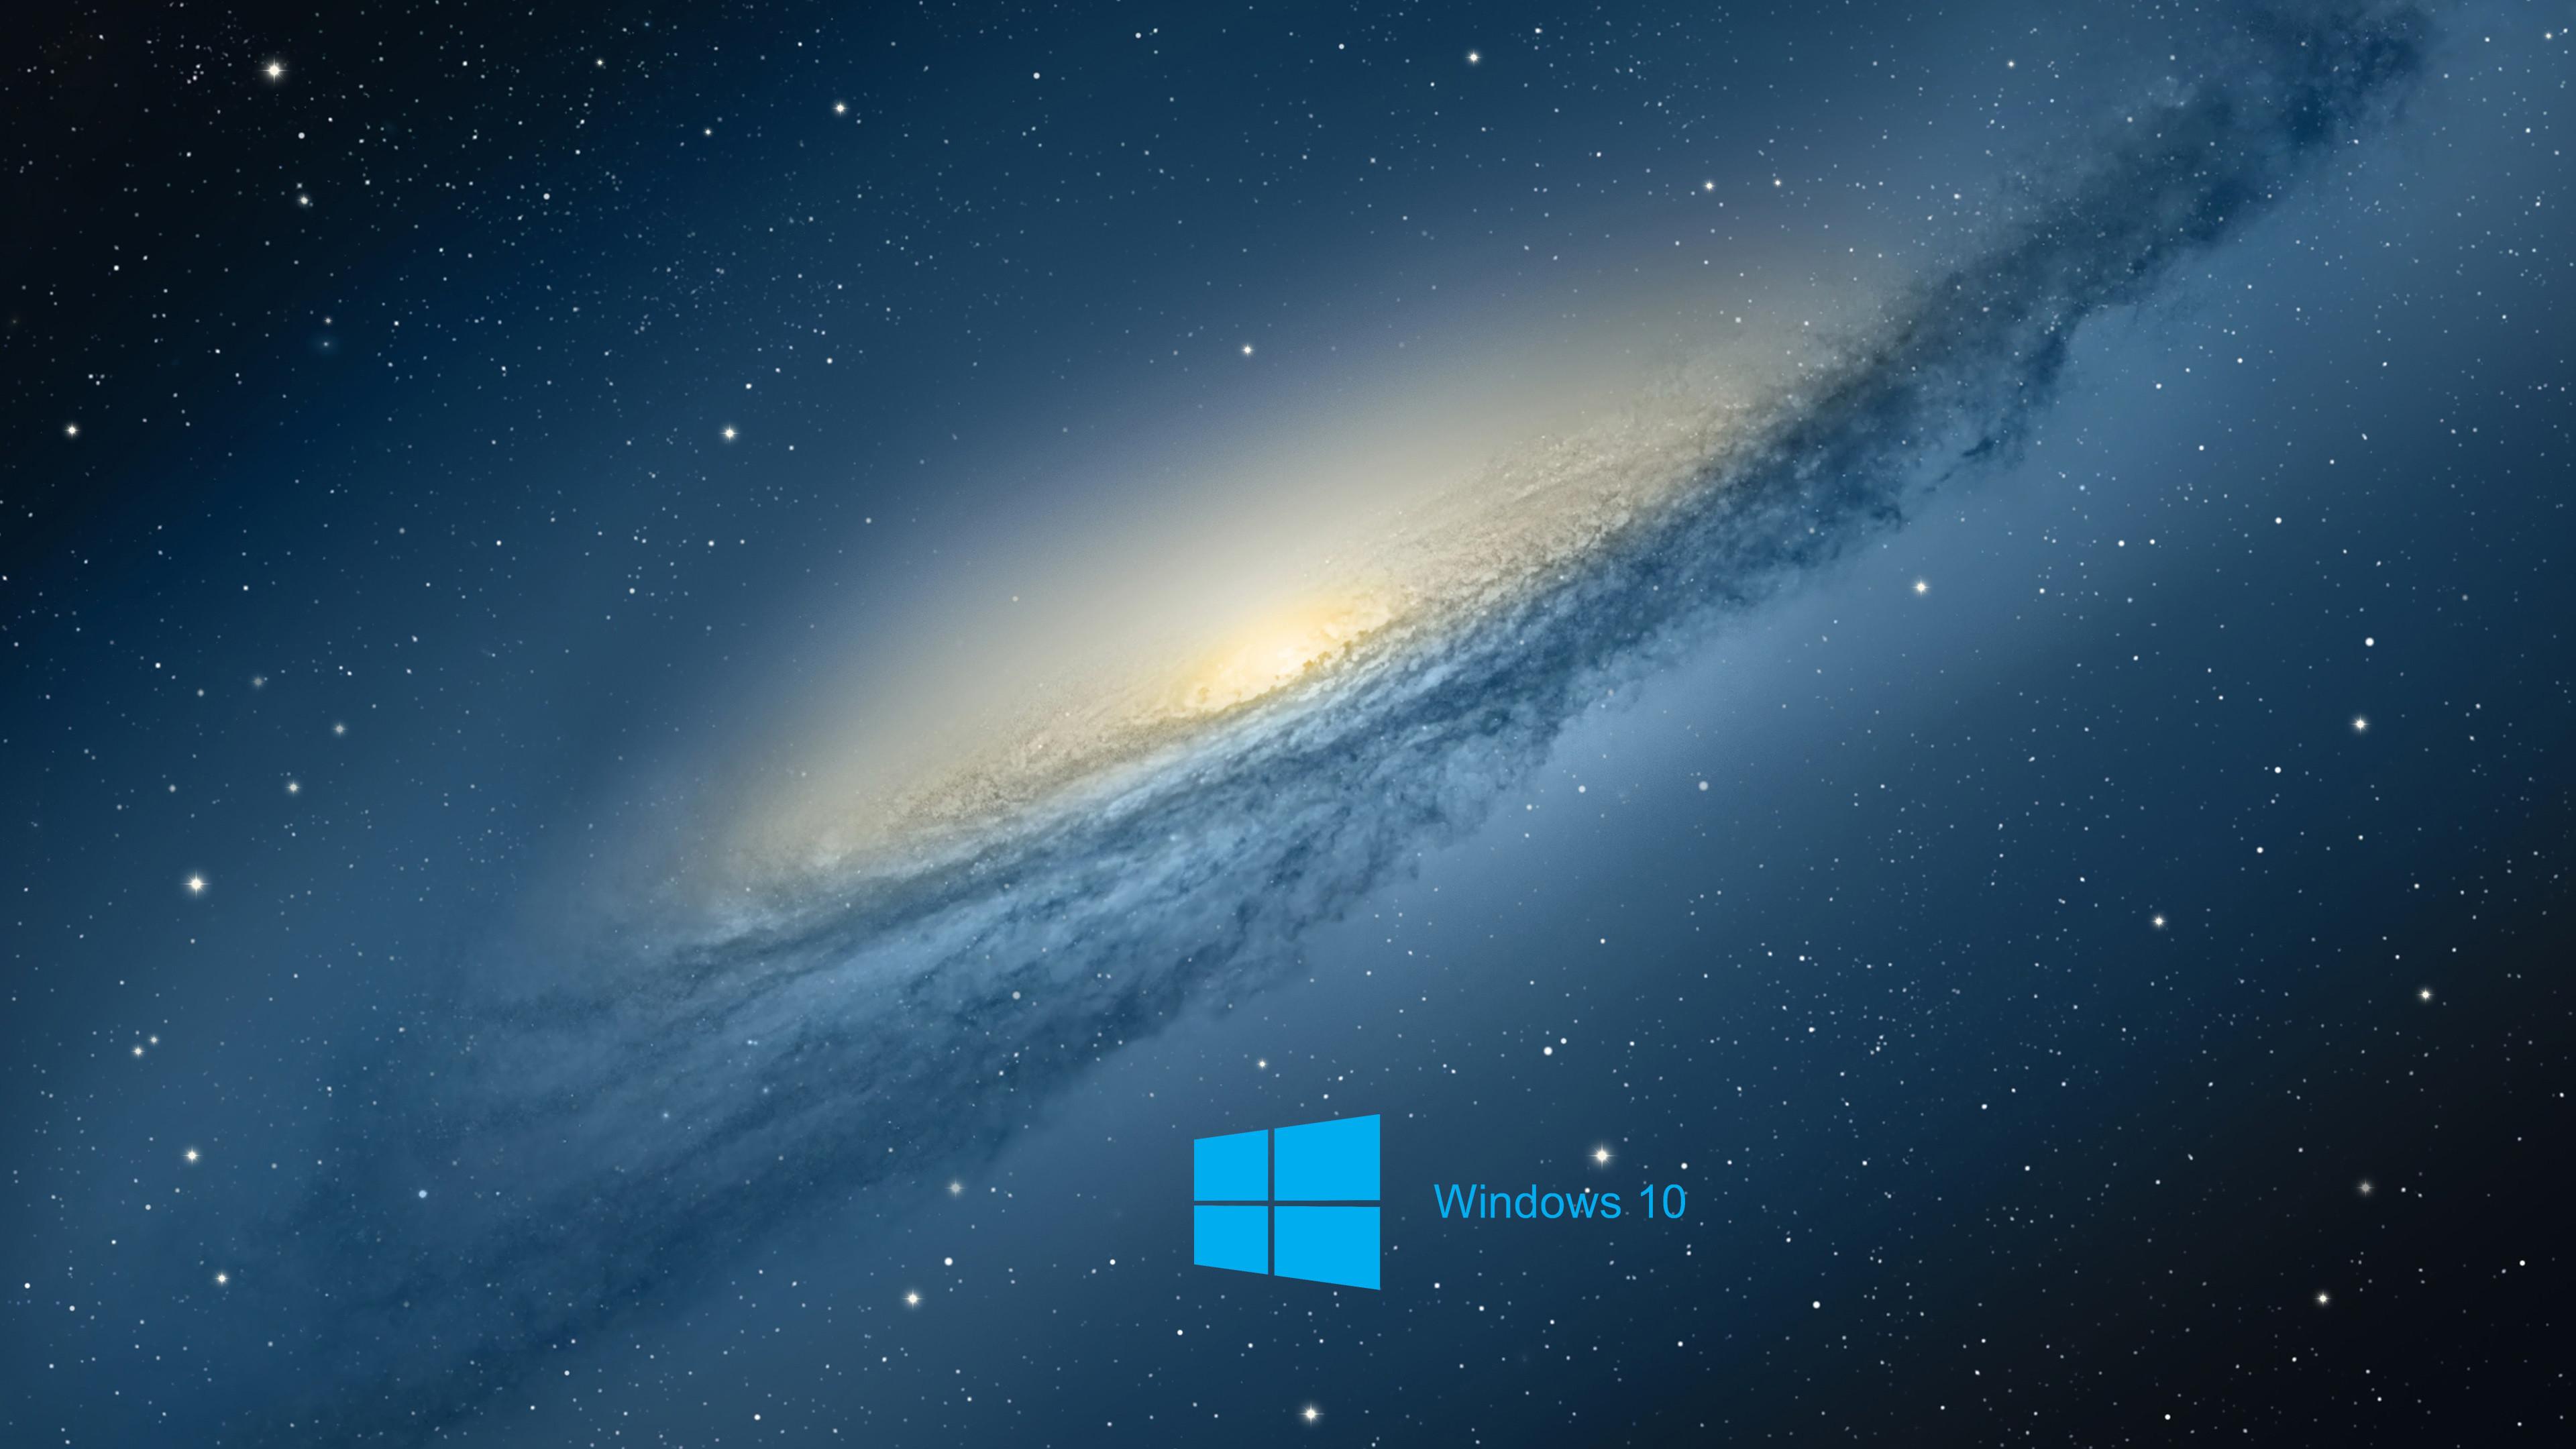 Windows 10 Tablet Wallpaper